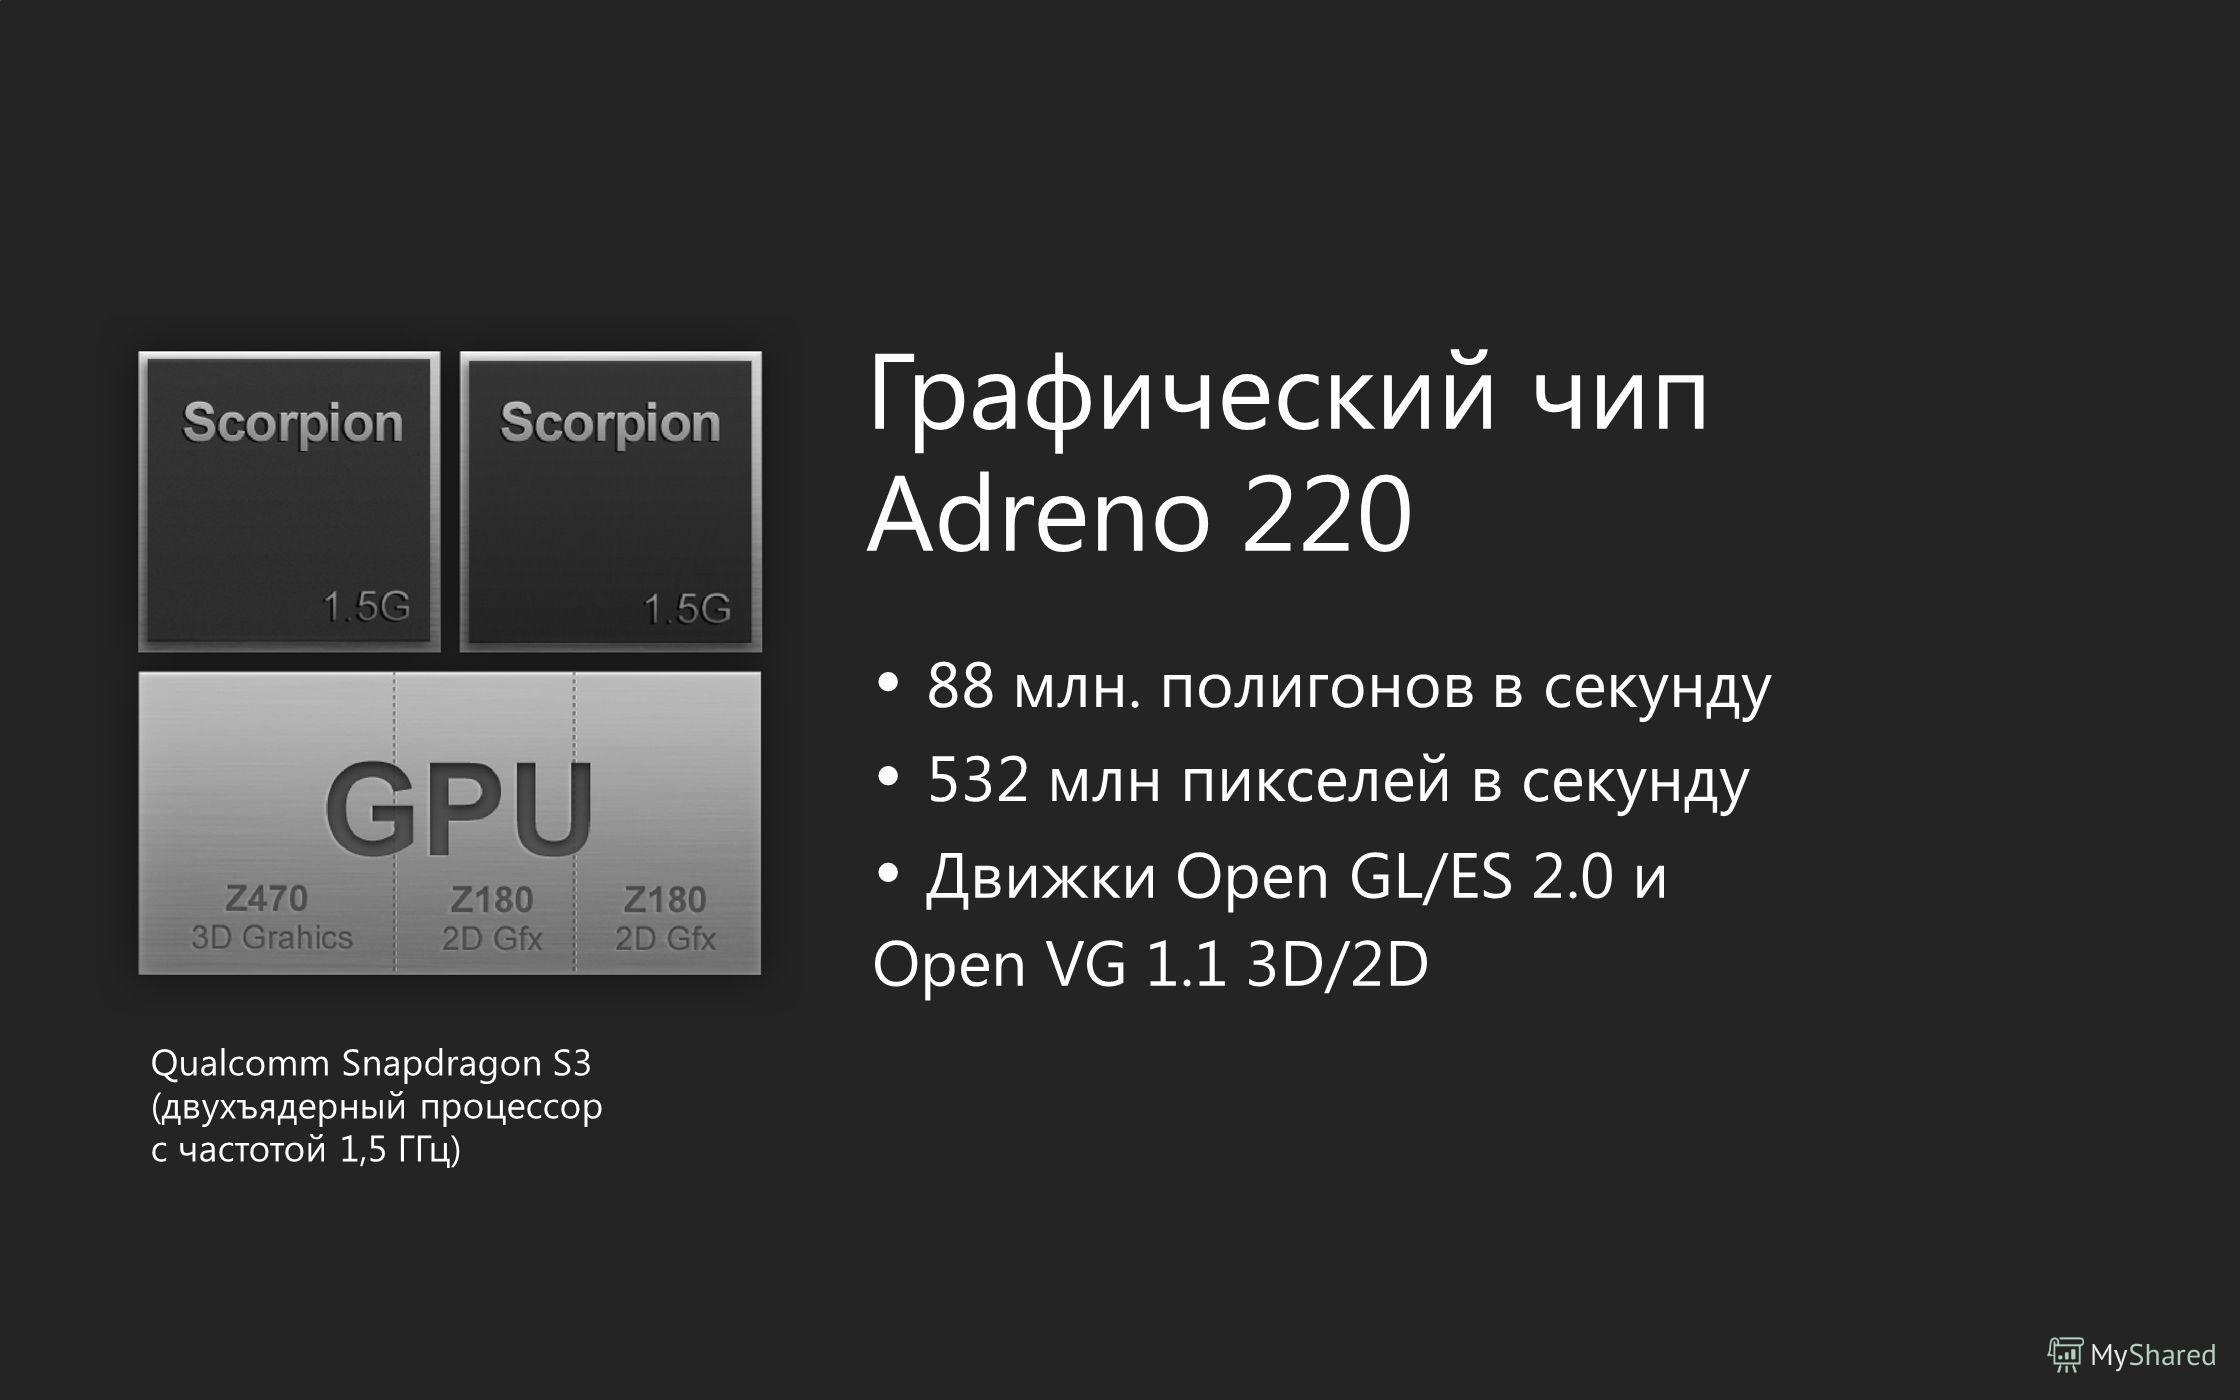 Графический чип Adreno 220 88 млн. полигонов в секунду 532 млн пикселей в секунду Движки Open GL/ES 2.0 и Open VG 1.1 3D/2D Qualcomm Snapdragon S3 (двухъядерный процессор c частотой 1,5 ГГц)